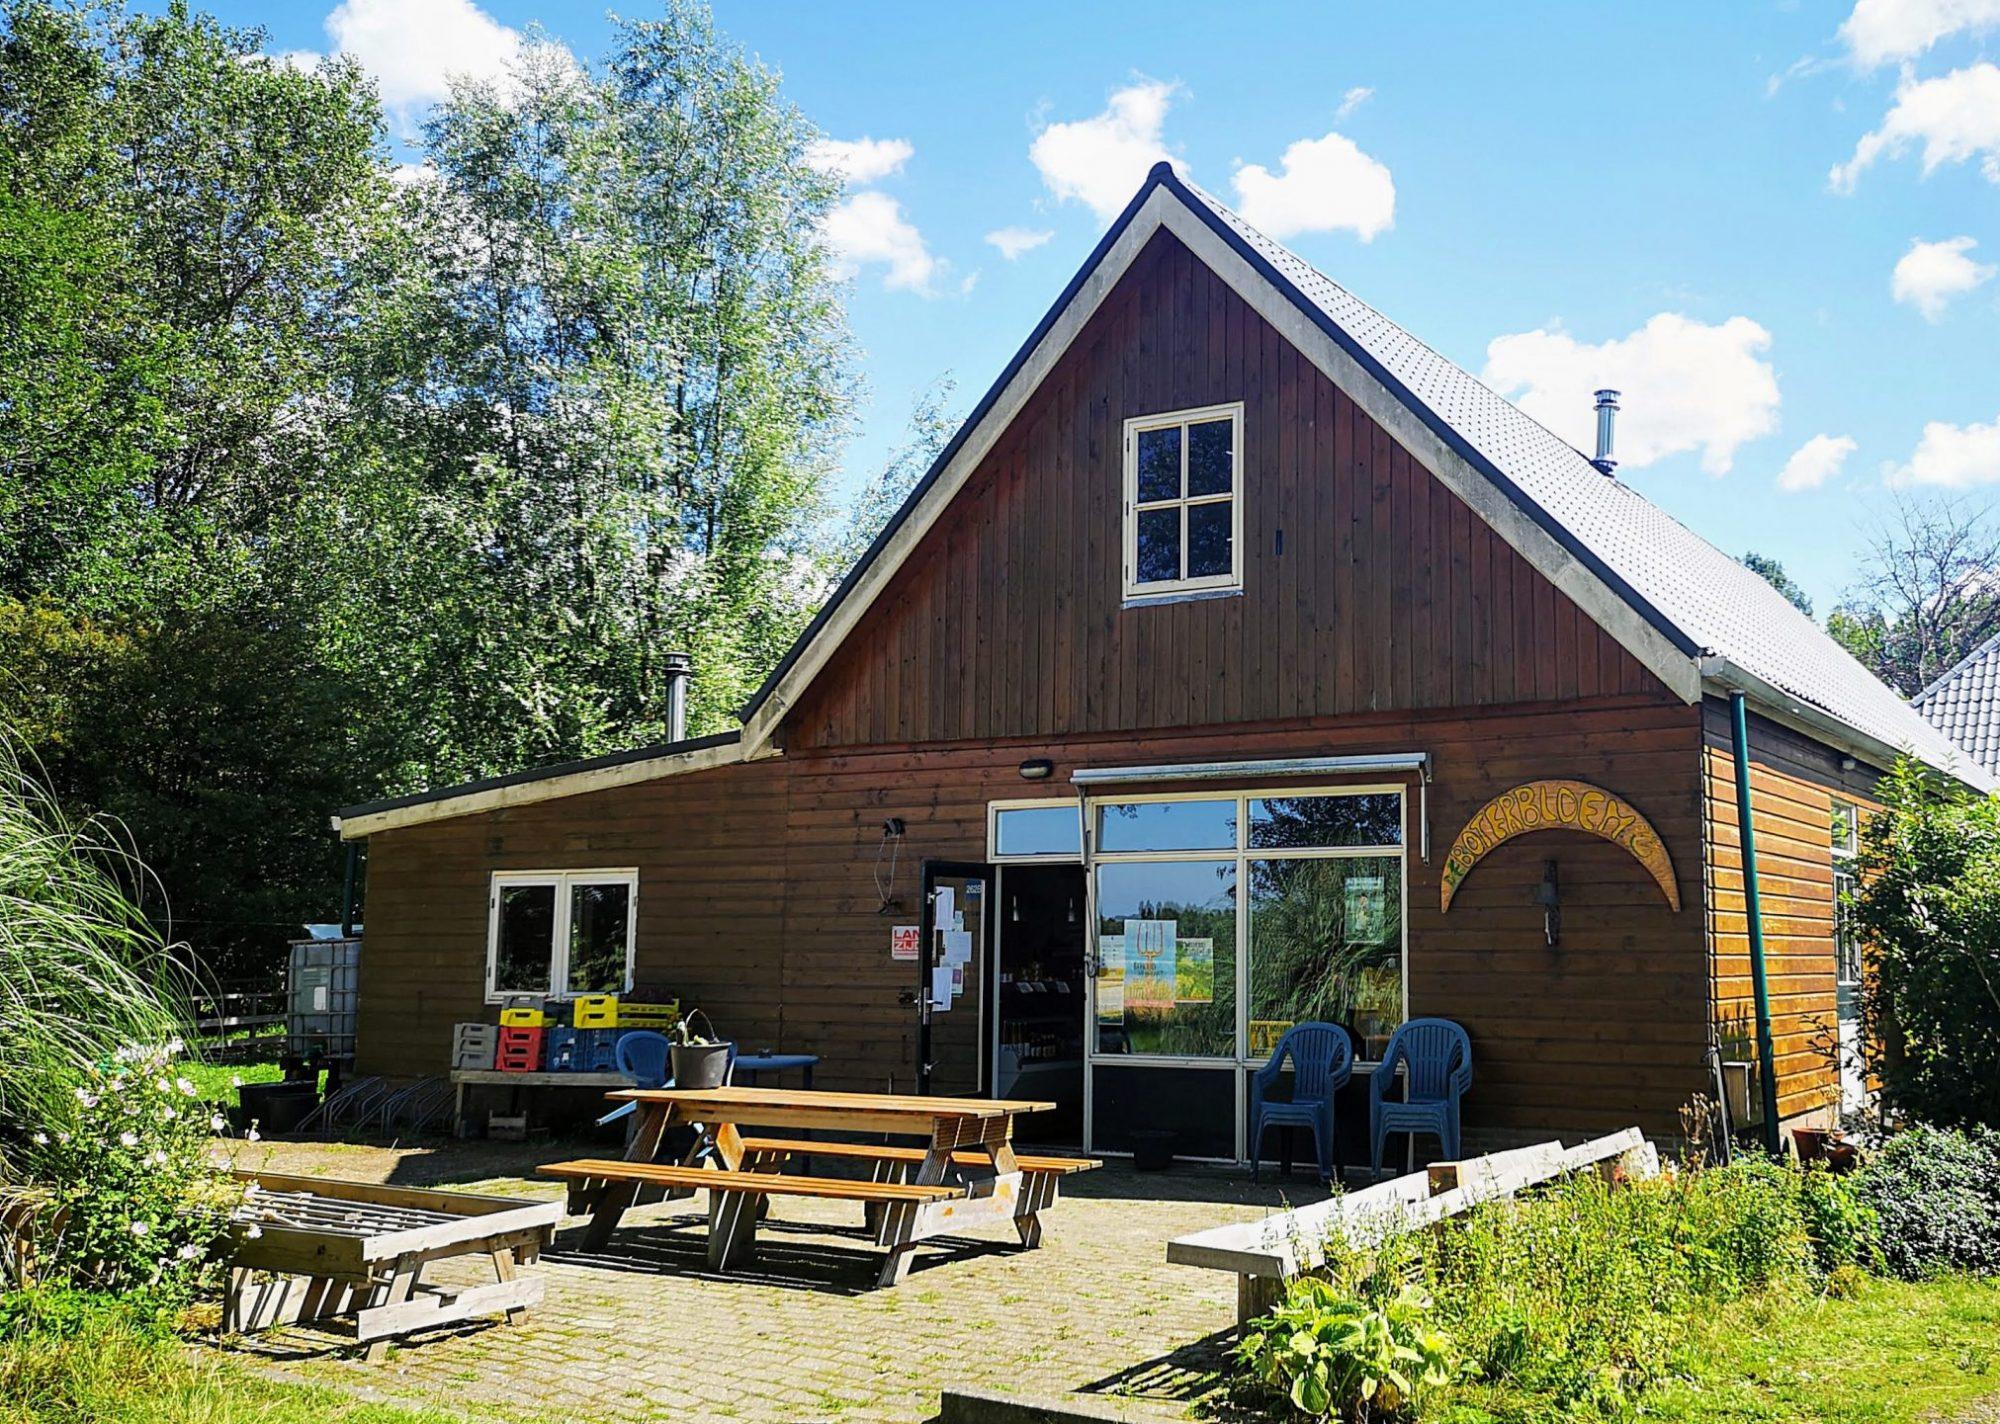 Biologische boerderij de boterbloem